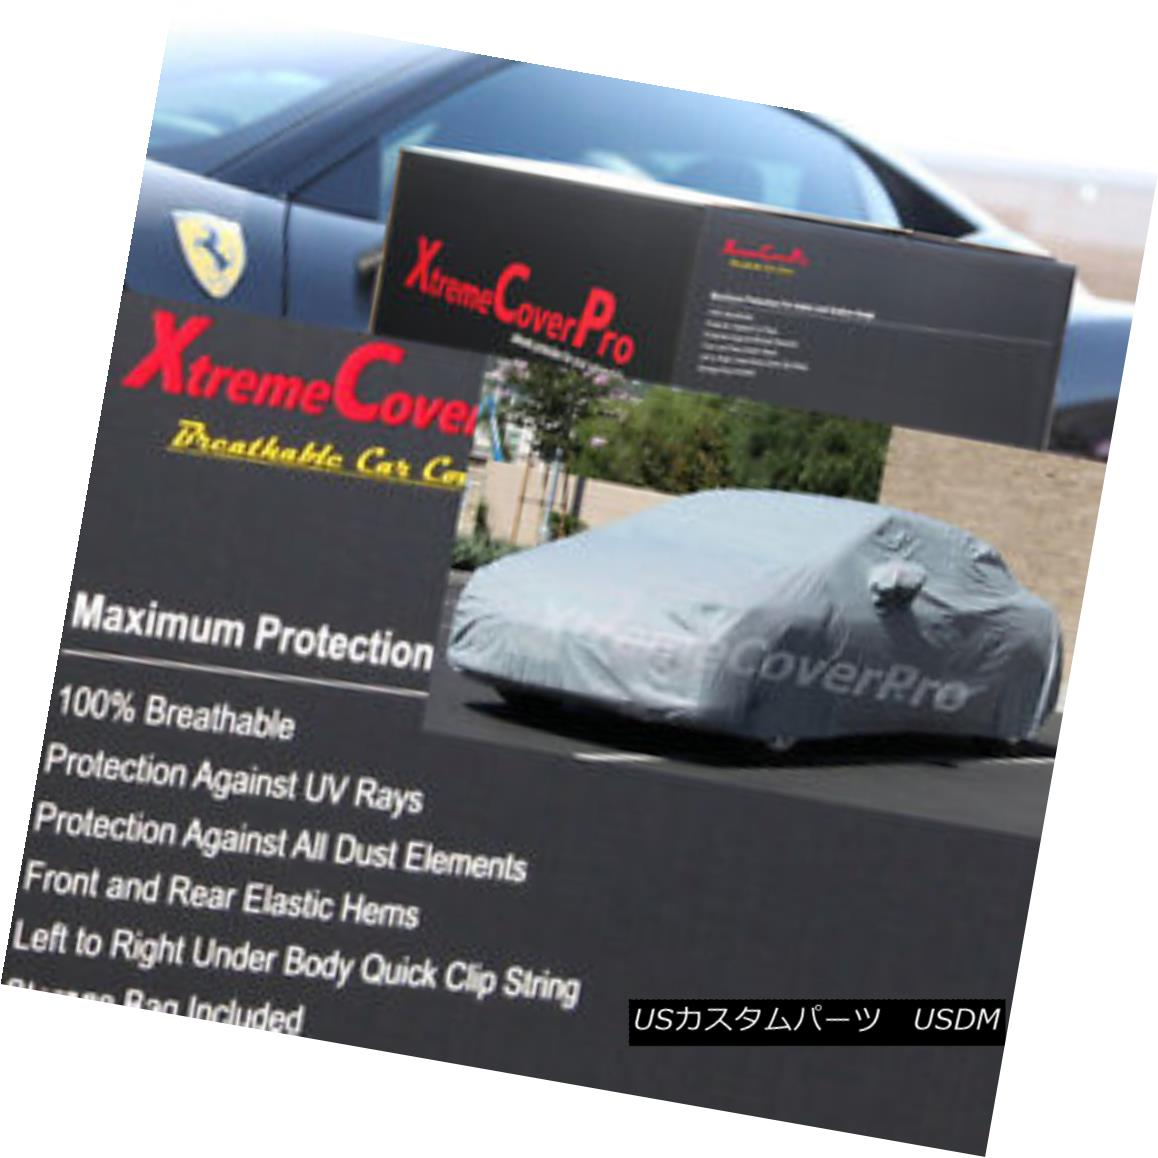 カーカバー 2001 2002 Audi A8 A8L Breathable Car Cover w/MirrorPocket 2001 2002 Audi A8 A8L通気性車カバー付きMirrorPocket